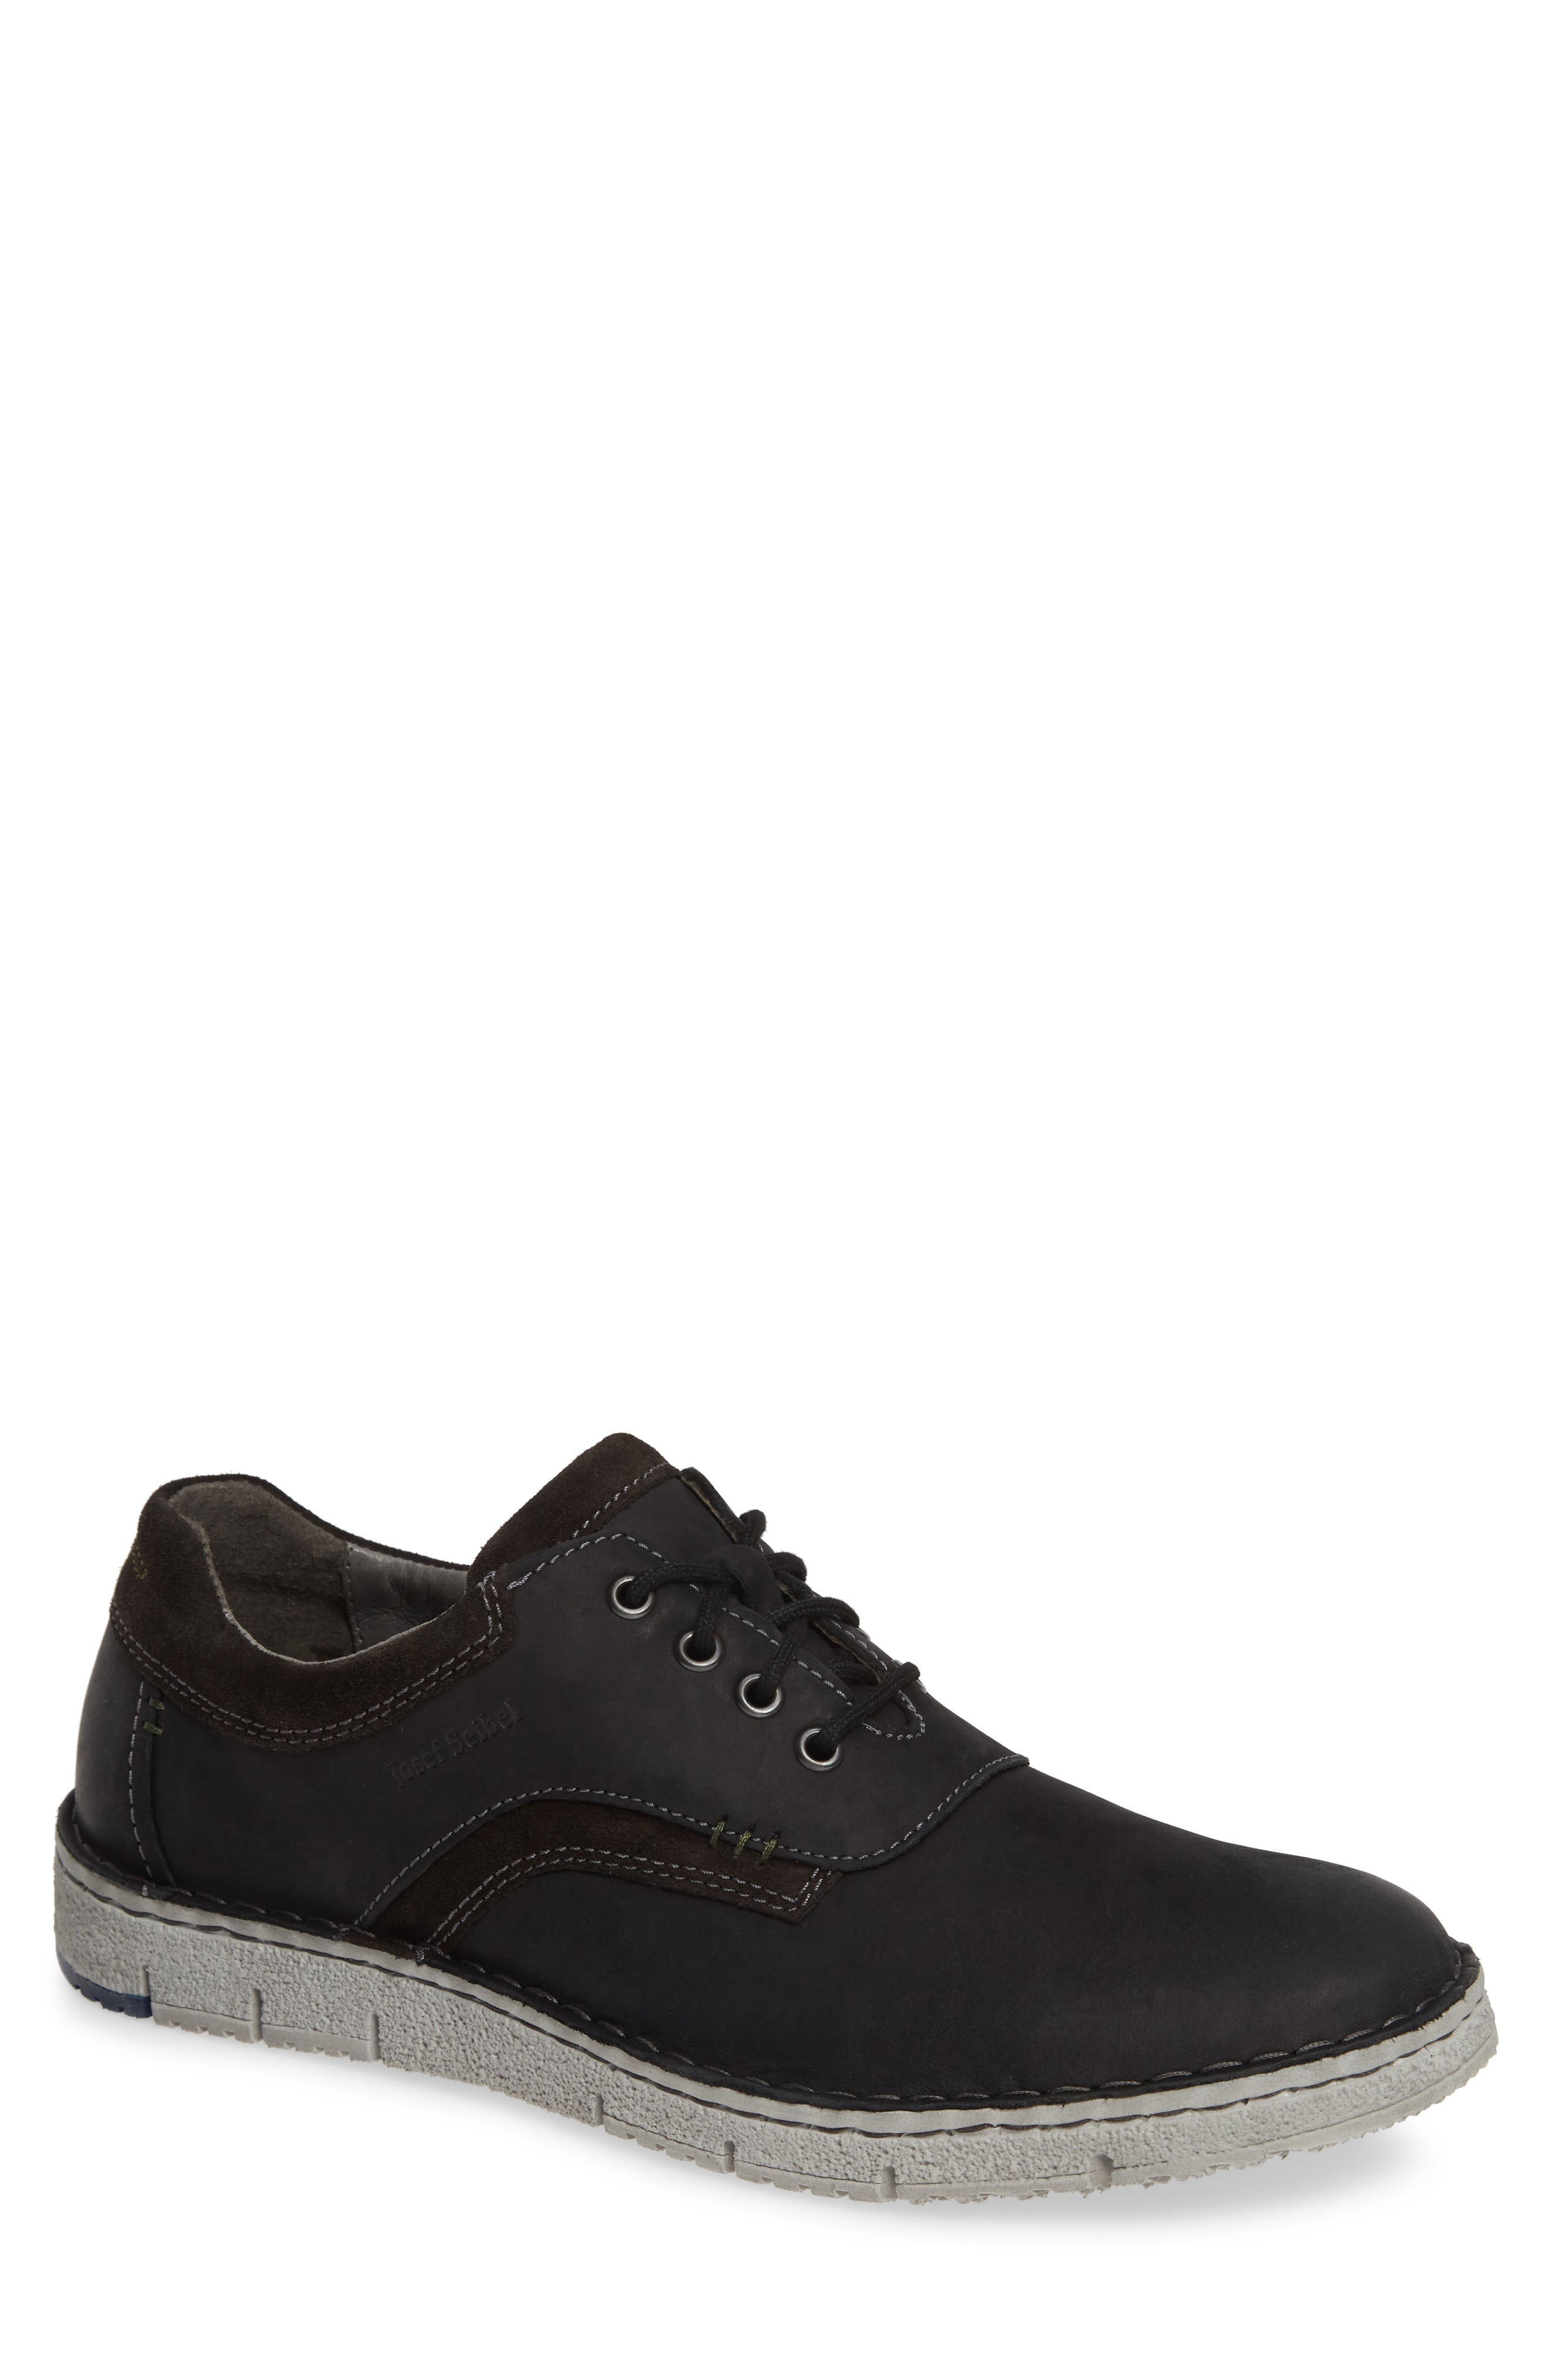 Ruben 13 Plain Toe Oxford,                         Main,                         color, BLACK MARANELLO SUEDE